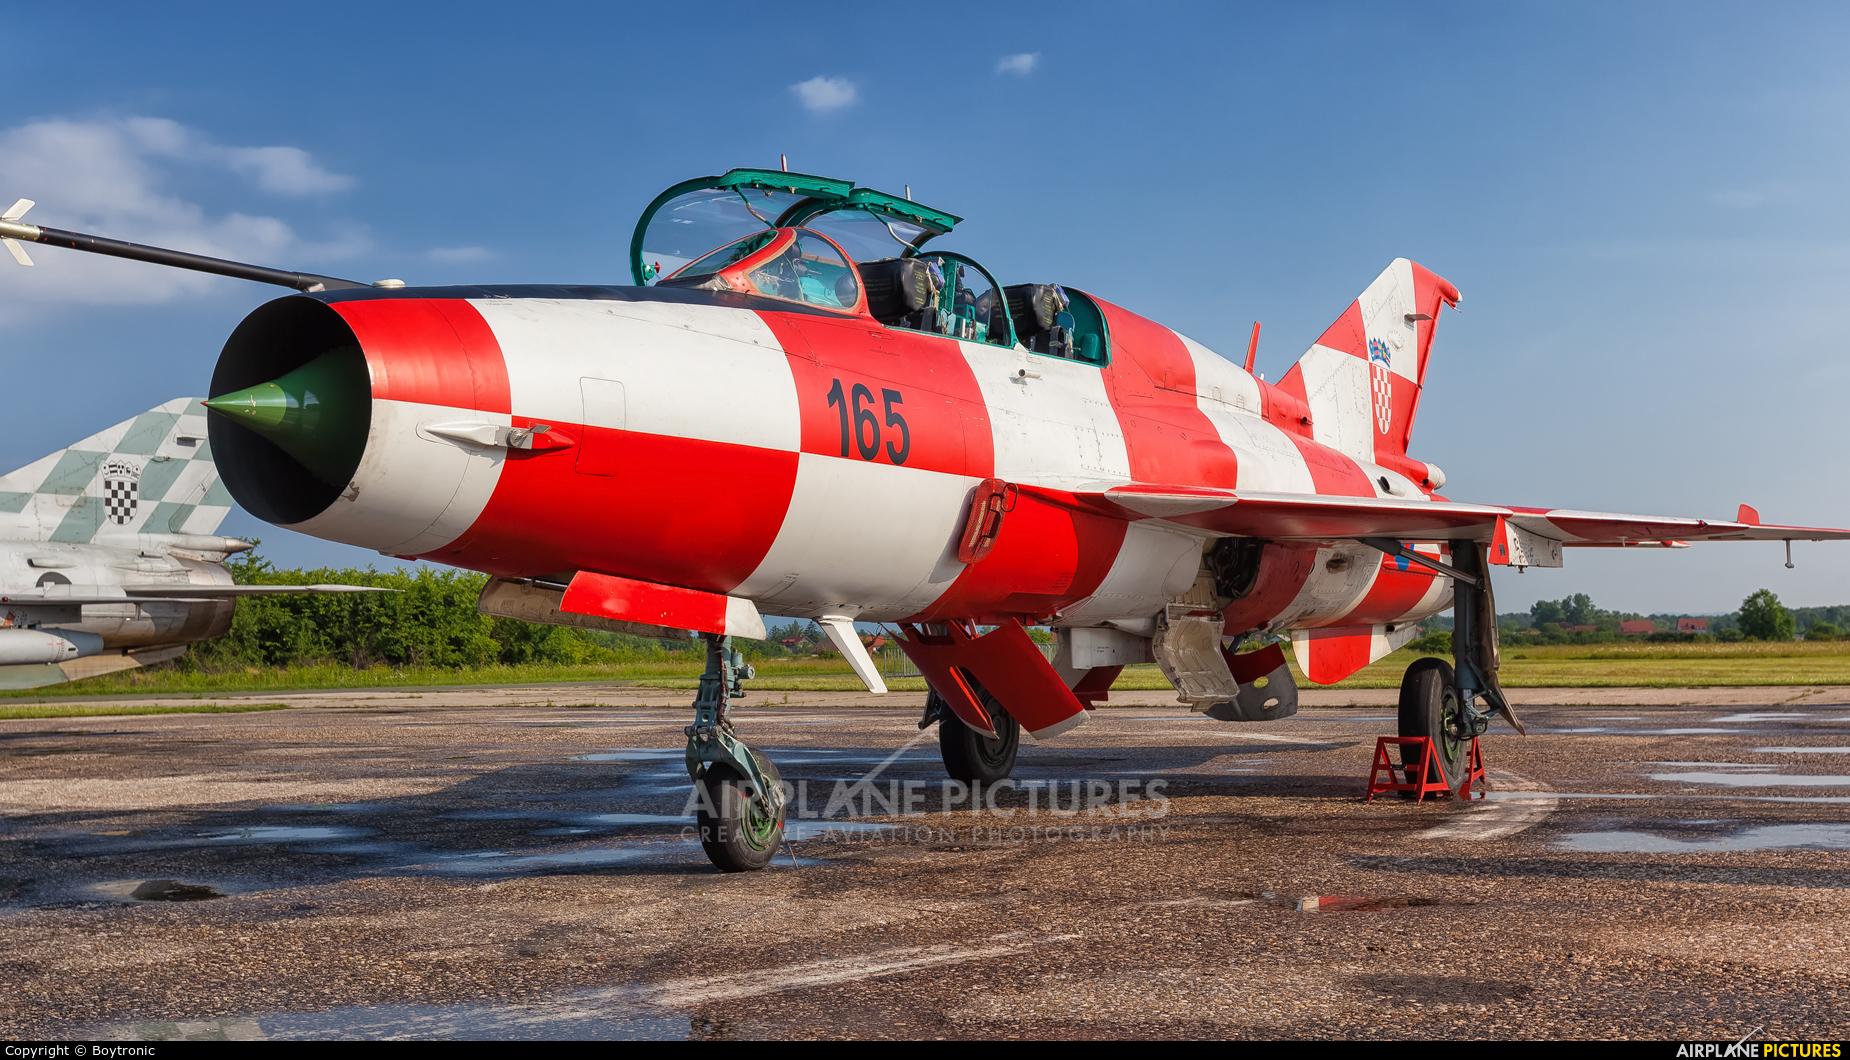 Croatia - Air Force 165 aircraft at Velika Gorica/ZTC